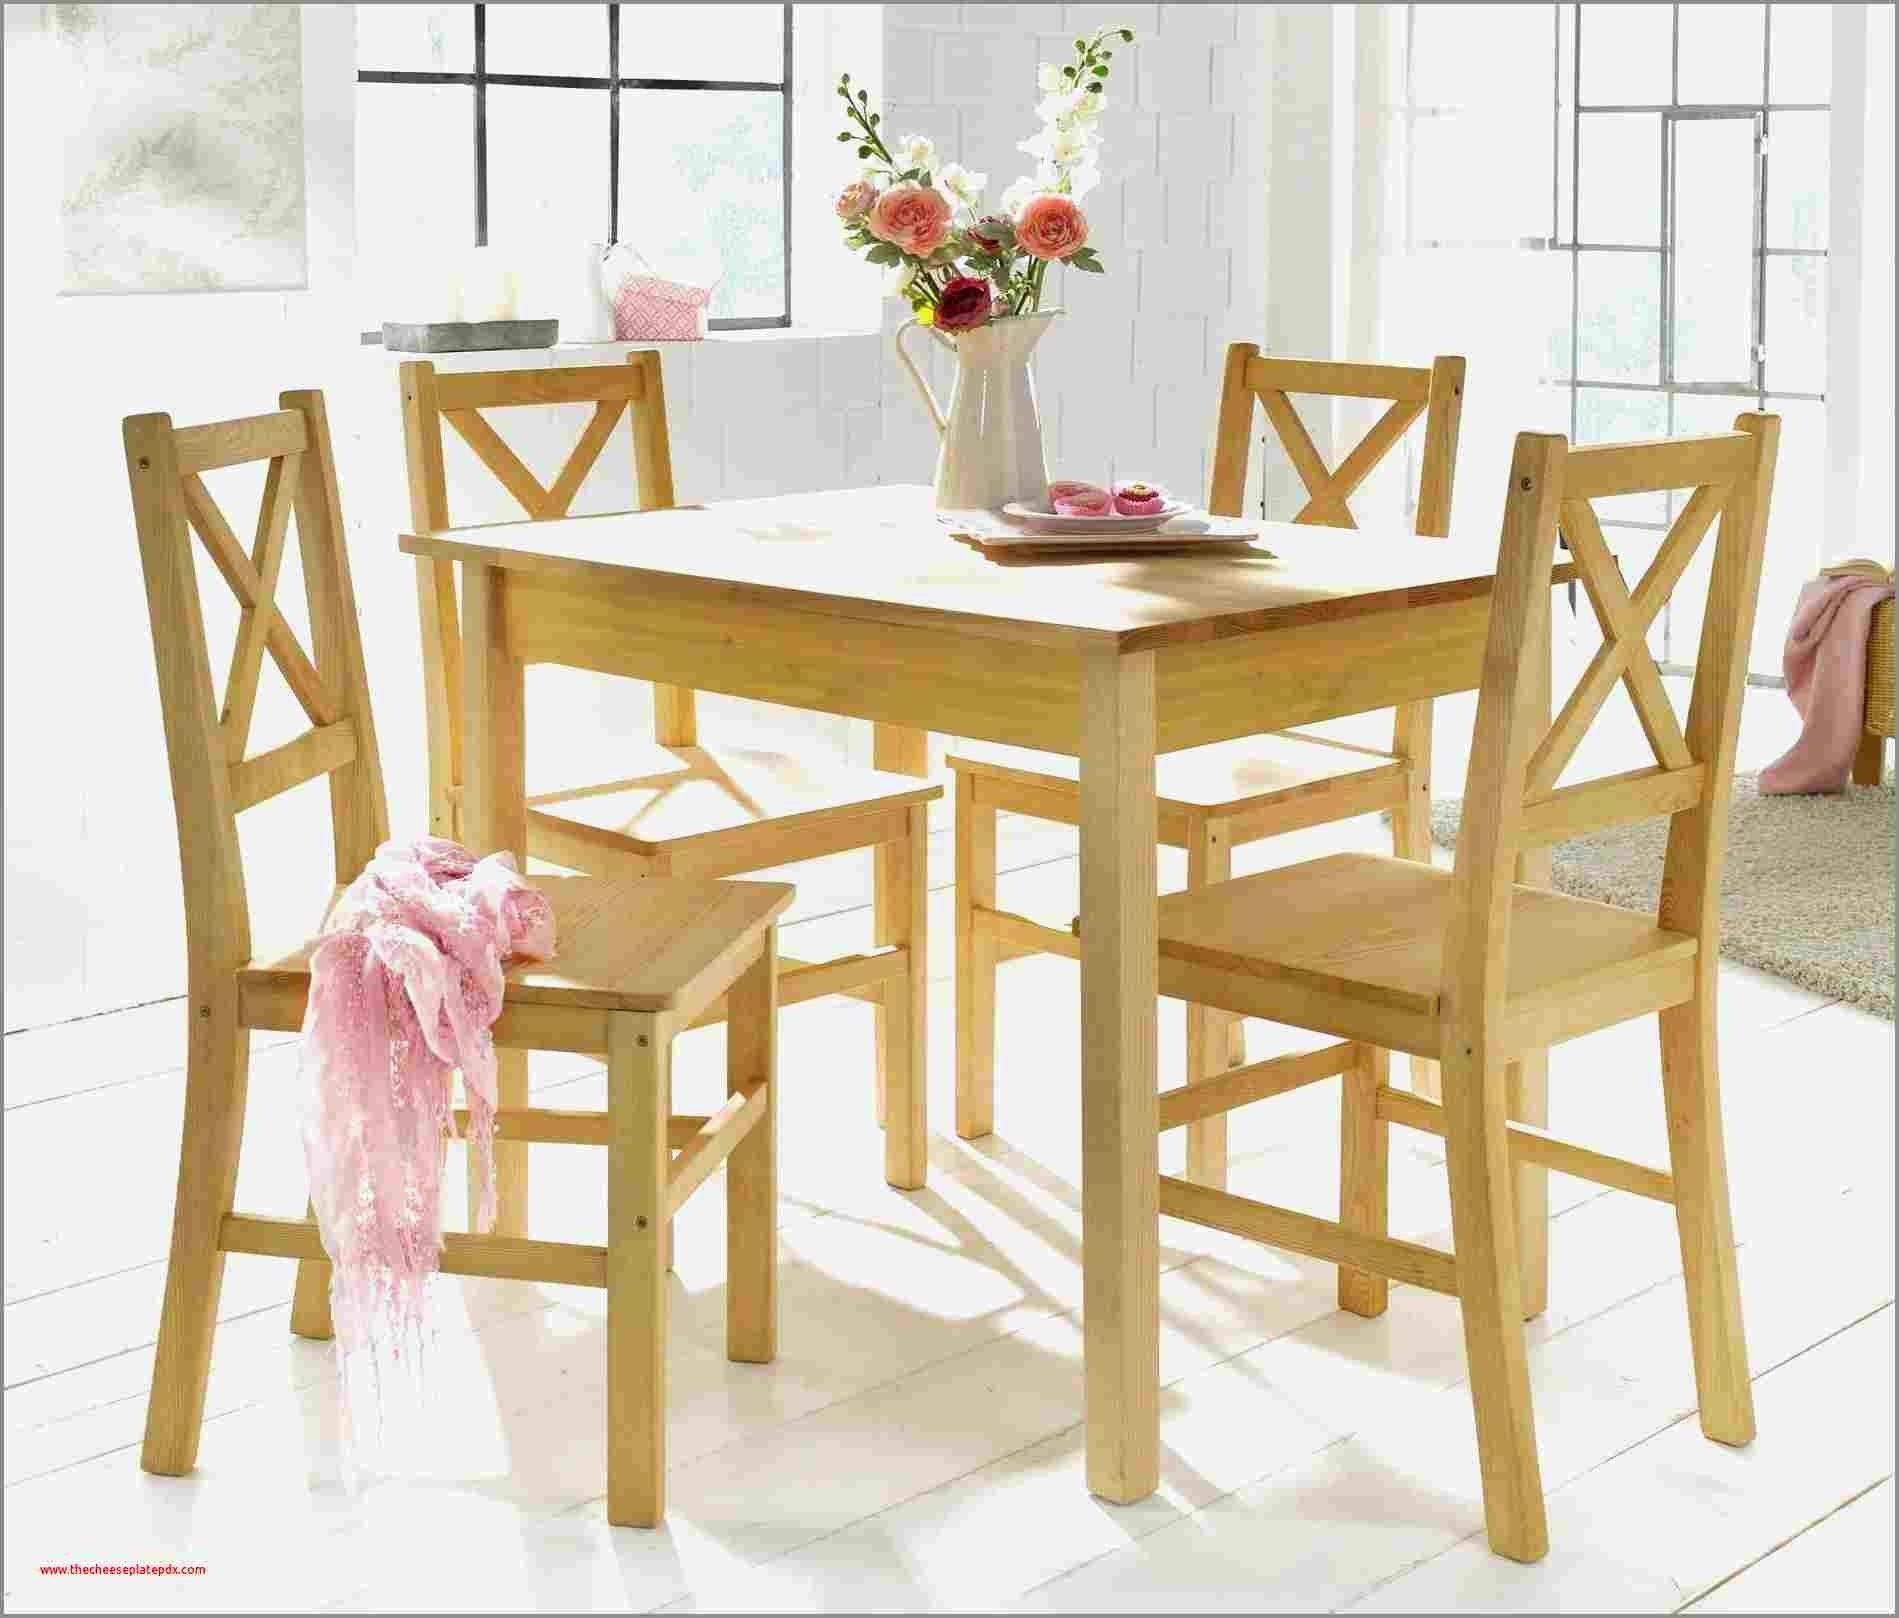 Full Size of Ikea Hack Sitzbank Küche Kleiner Tisch Kuche Caseconradcom Holz Modern Deckenlampe Weiß Hochglanz Einlegeböden Günstige Mit E Geräten Inselküche Wohnzimmer Ikea Hack Sitzbank Küche